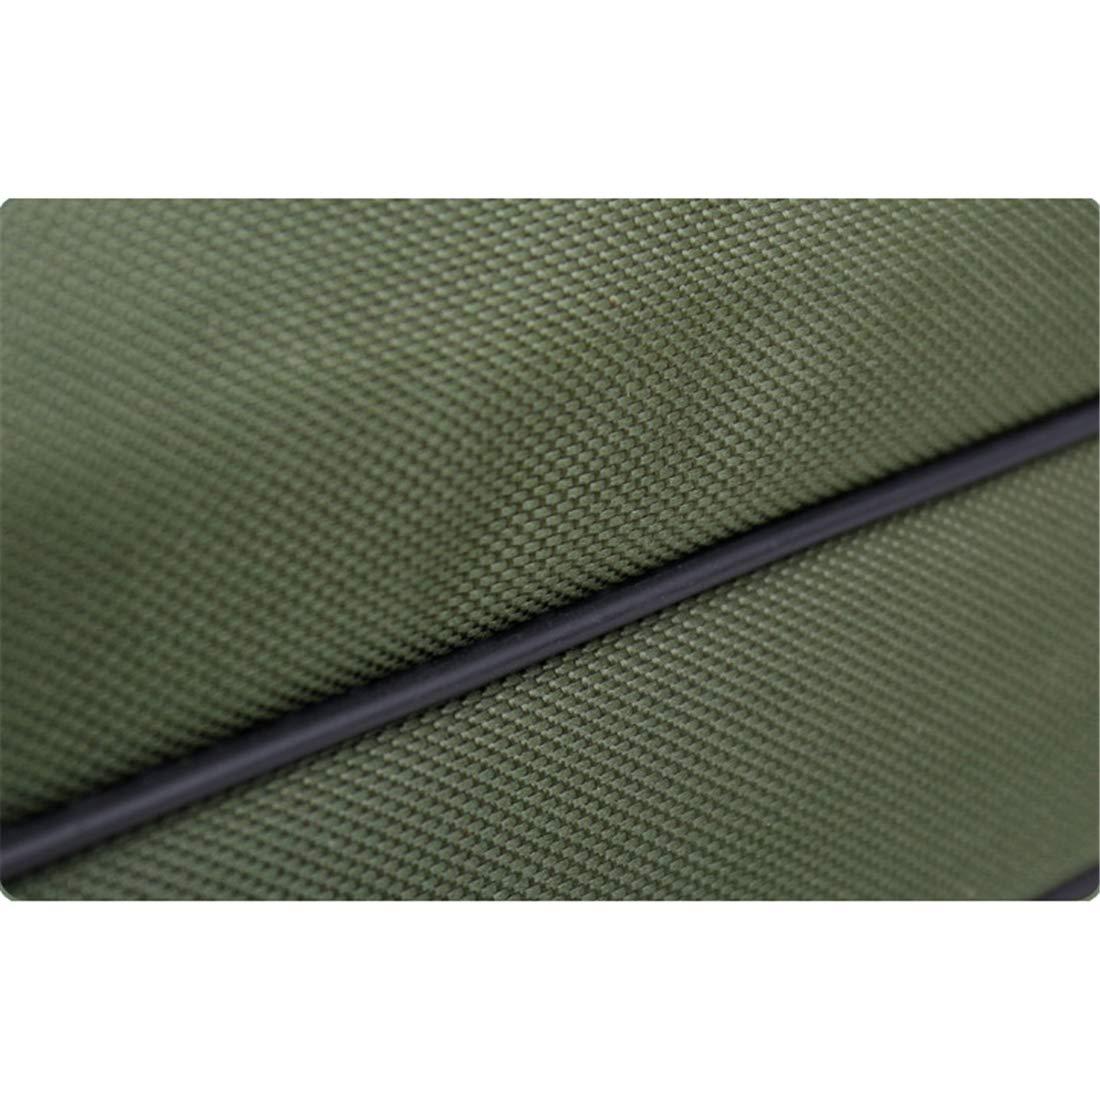 LBWNB Angelruten-Reisetasche - Mehrzweck-Faltbare Mehrzweck-Faltbare Mehrzweck-Faltbare Angelsäcke Angelruten-Taschen Reißverschluss-Taschen Angelzubehör-Taschen Aufbewahrungsbeutel-Etui (DREI Etagen) B07QN5SCJ4 Ruckscke Neues Produkt 7b2e78